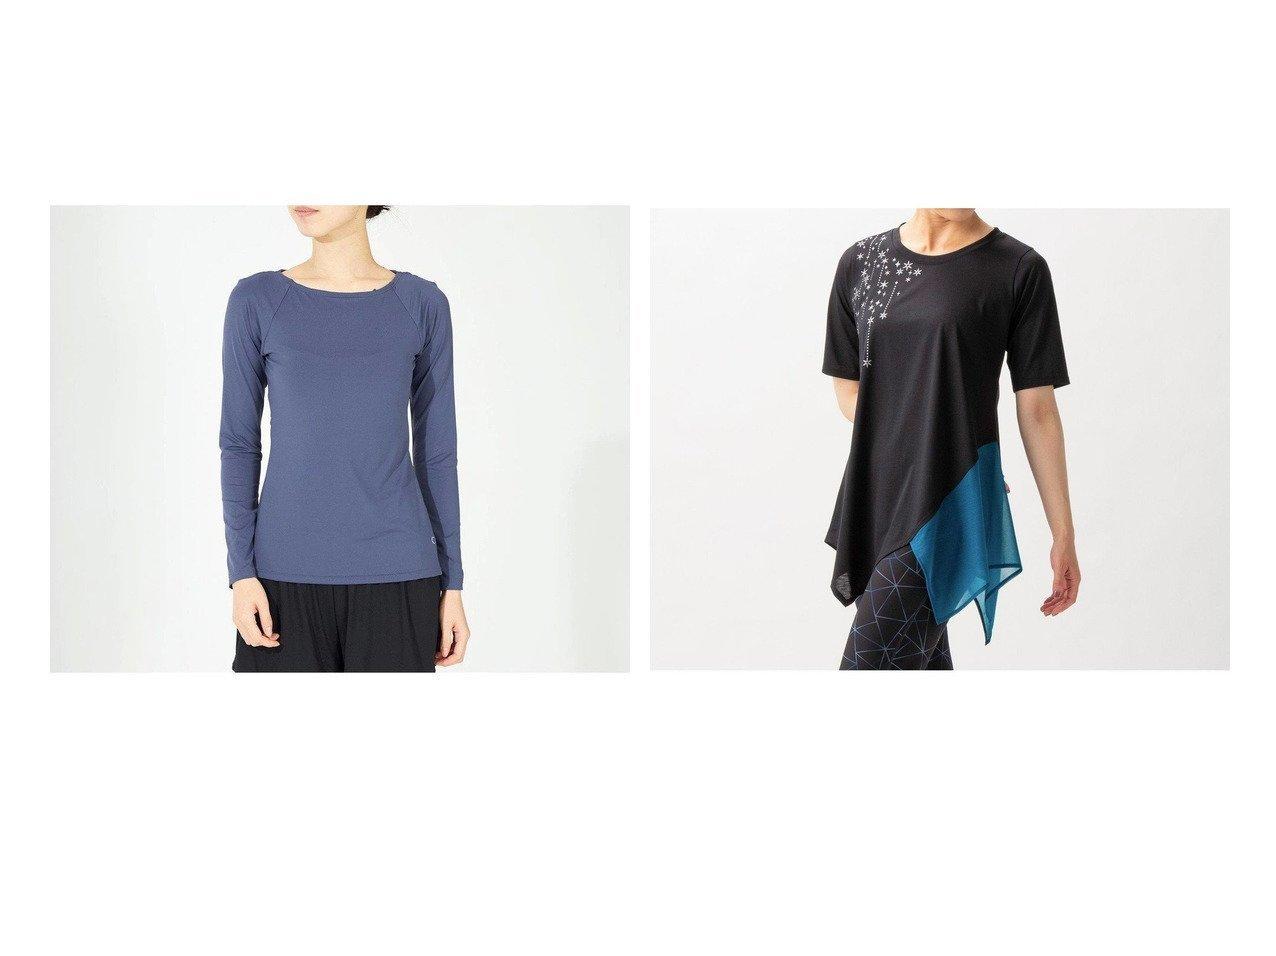 【Chacott/チャコット】のロングスリーブトップ&イレギュラーヘムワンピースTシャツ 【スポーツウェア・ヨガ・フィットネス・ダイエット】おすすめ!人気、トレンド・レディースファッションの通販 おすすめで人気の流行・トレンド、ファッションの通販商品 インテリア・家具・メンズファッション・キッズファッション・レディースファッション・服の通販 founy(ファニー) https://founy.com/ ファッション Fashion レディースファッション WOMEN ワンピース Dress トップス・カットソー Tops/Tshirt イレギュラー ストレッチ ヘムライン 軽量 おすすめ Recommend ショート スリーブ バレエ フィット レギンス ロング 人気 抗菌  ID:crp329100000071775